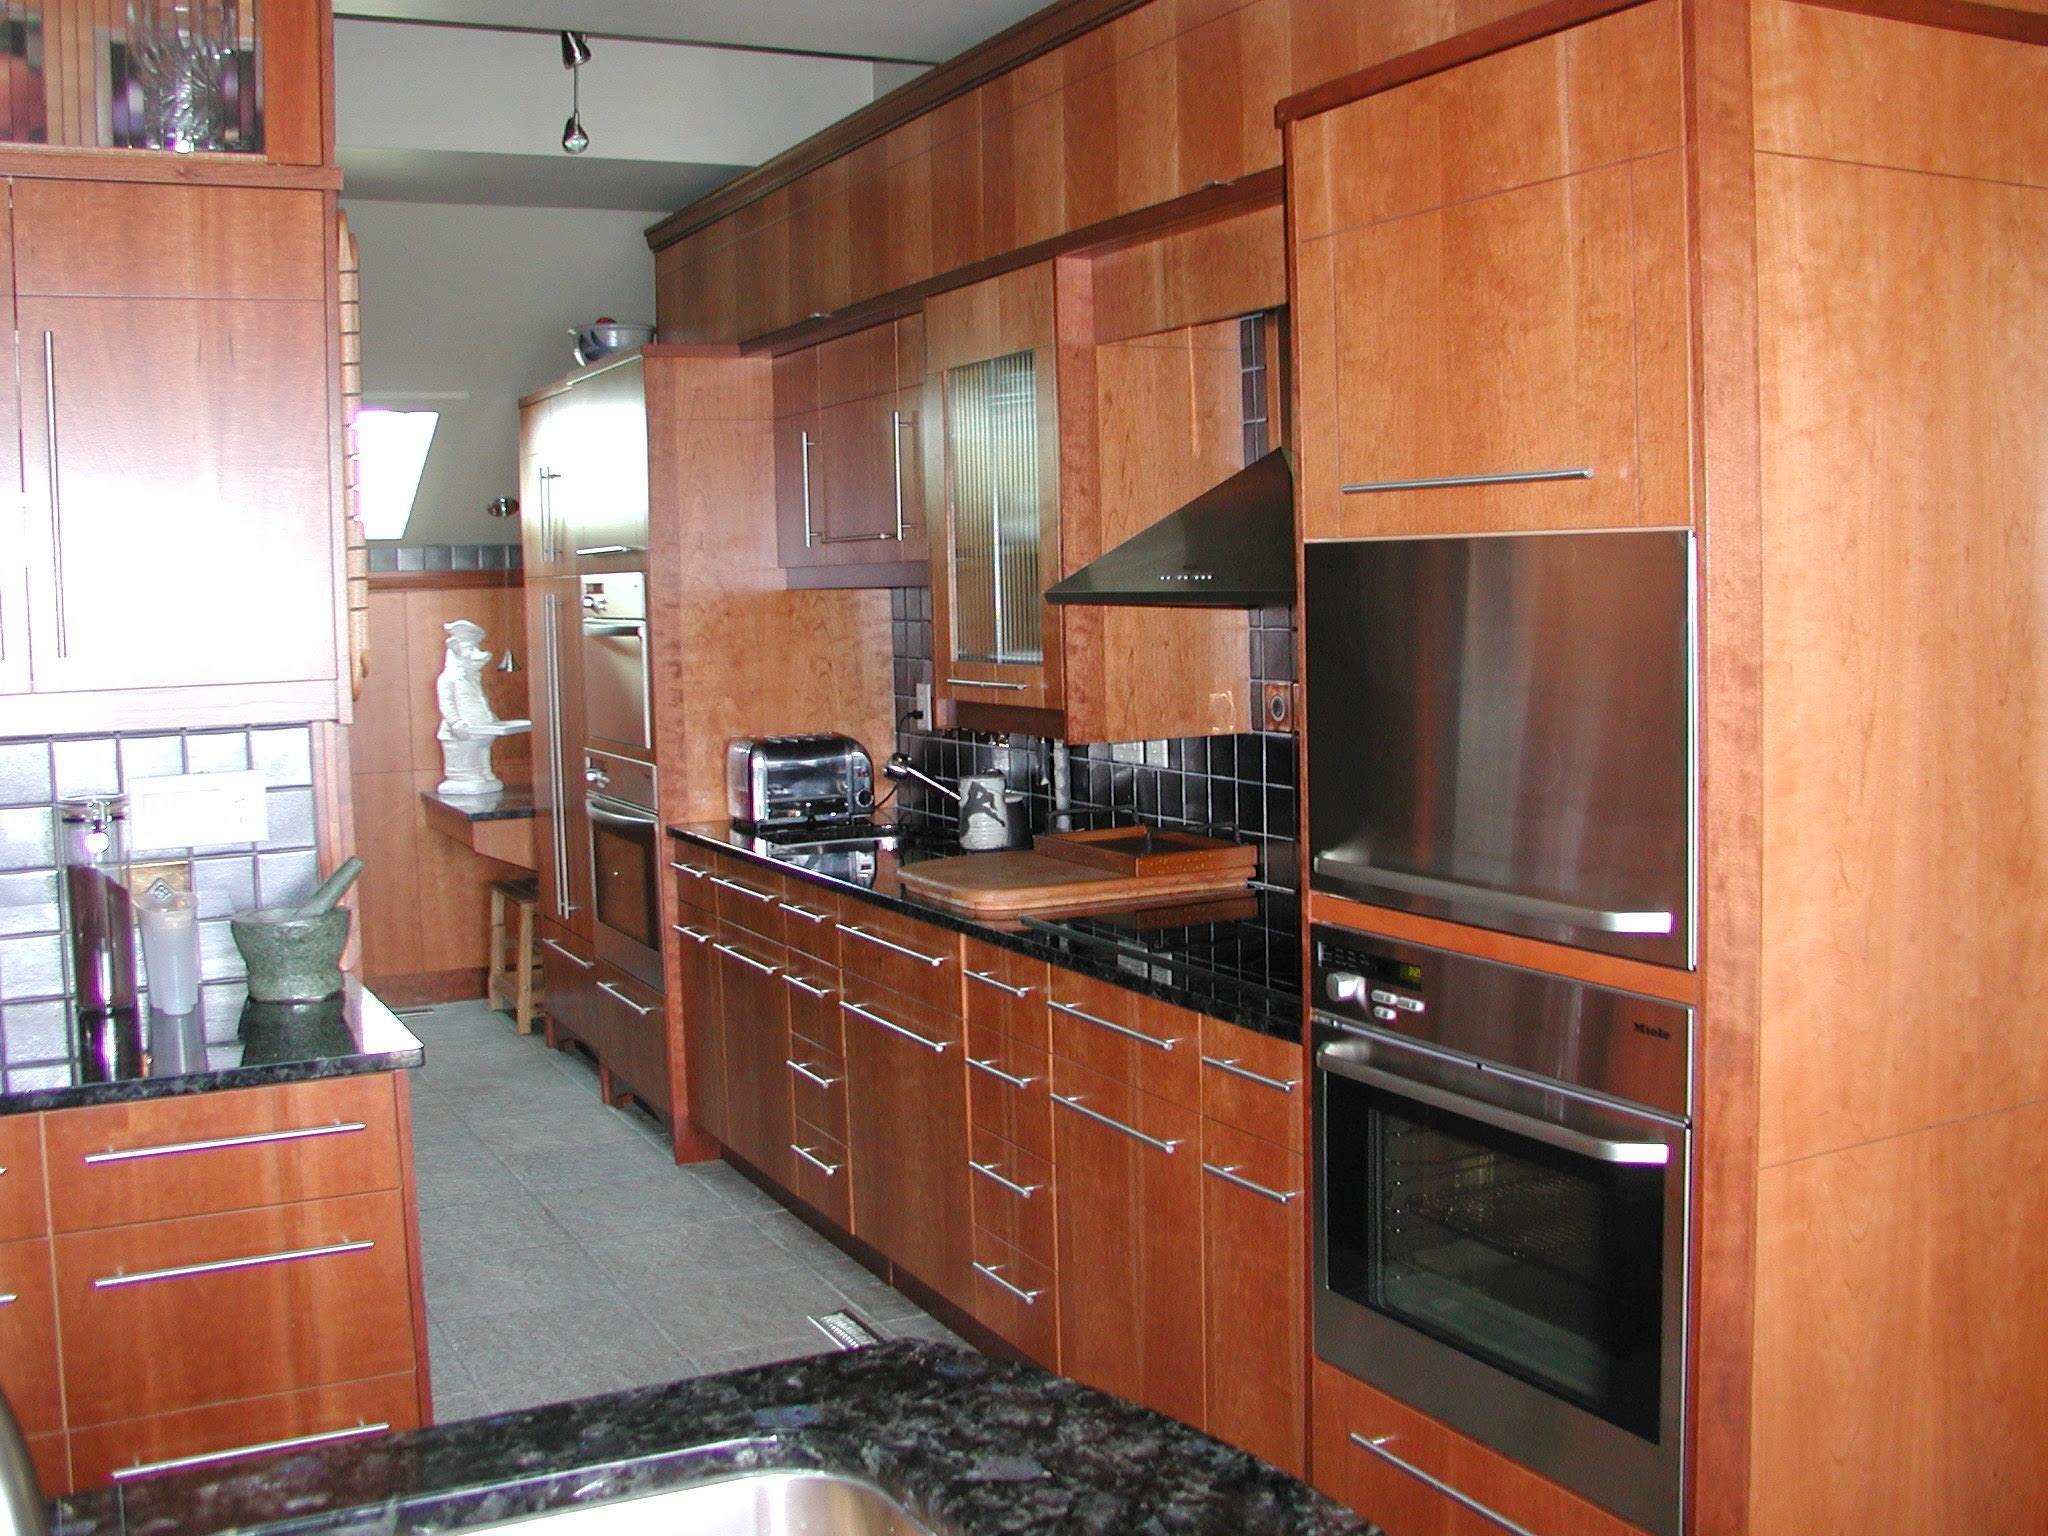 https://0201.nccdn.net/1_2/000/000/152/d16/kitchen-p-3.png